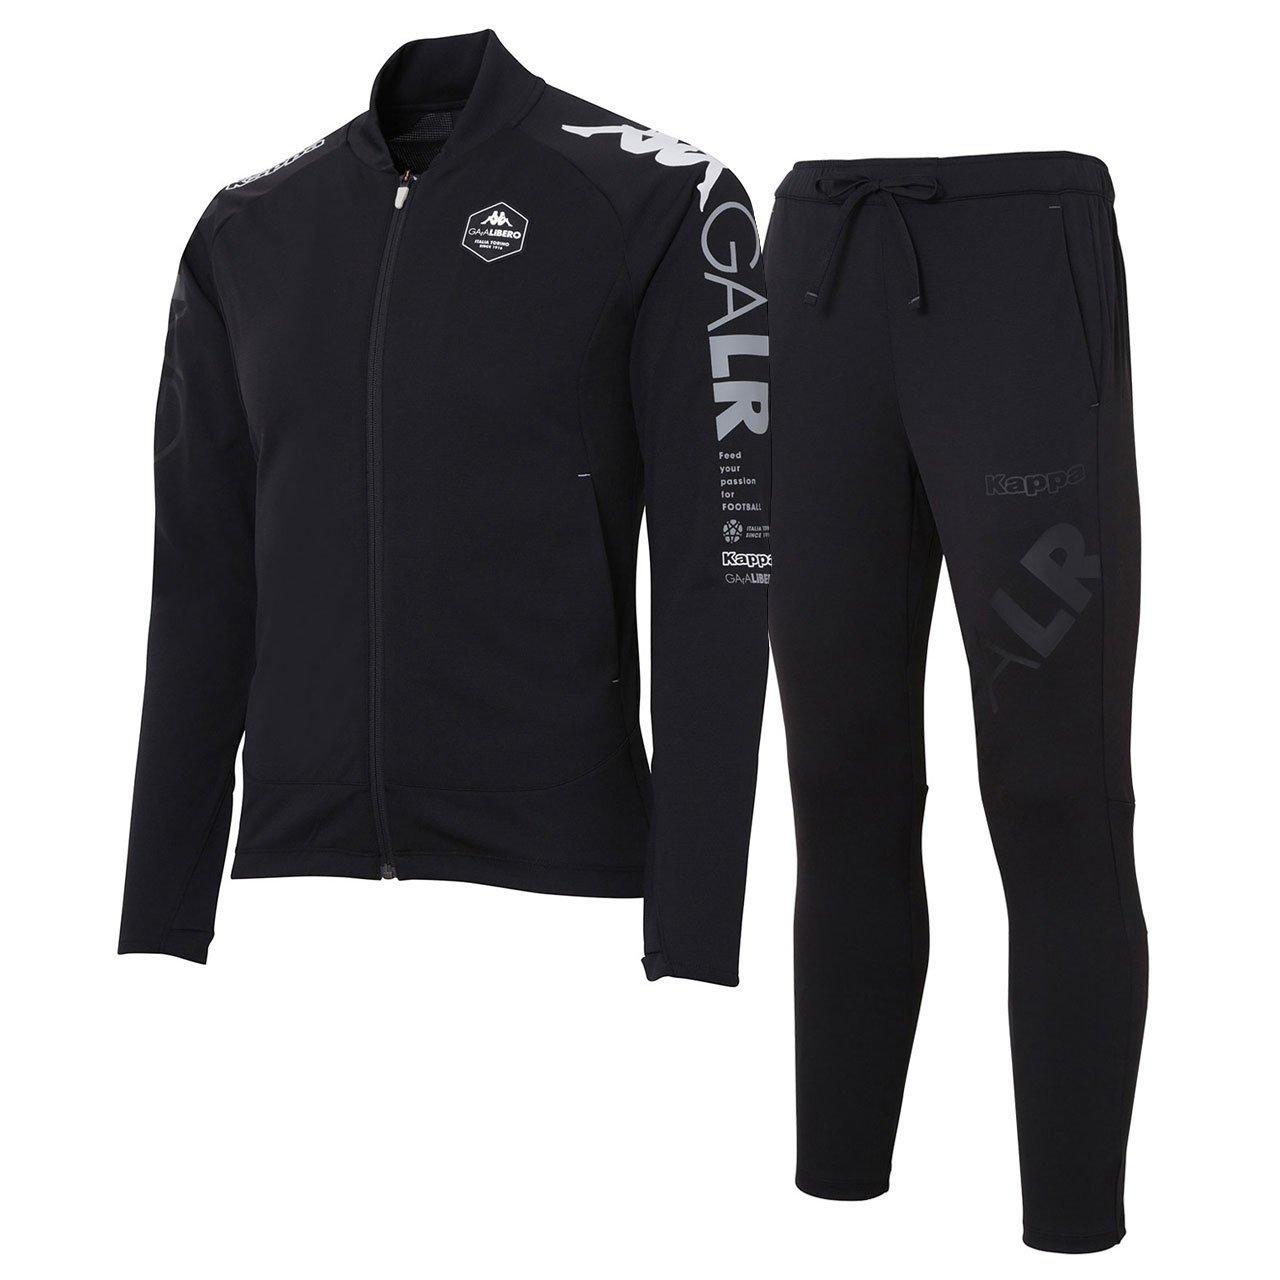 カッパ(Kappa) 軽量ストレッチトレーニングジャケット&パンツ 上下セット(ブラック/ブラック) KF812KT21-BK-KF812KB21-BK B07DXK32L8 XO|ブラック/ブラック ブラック/ブラック XO